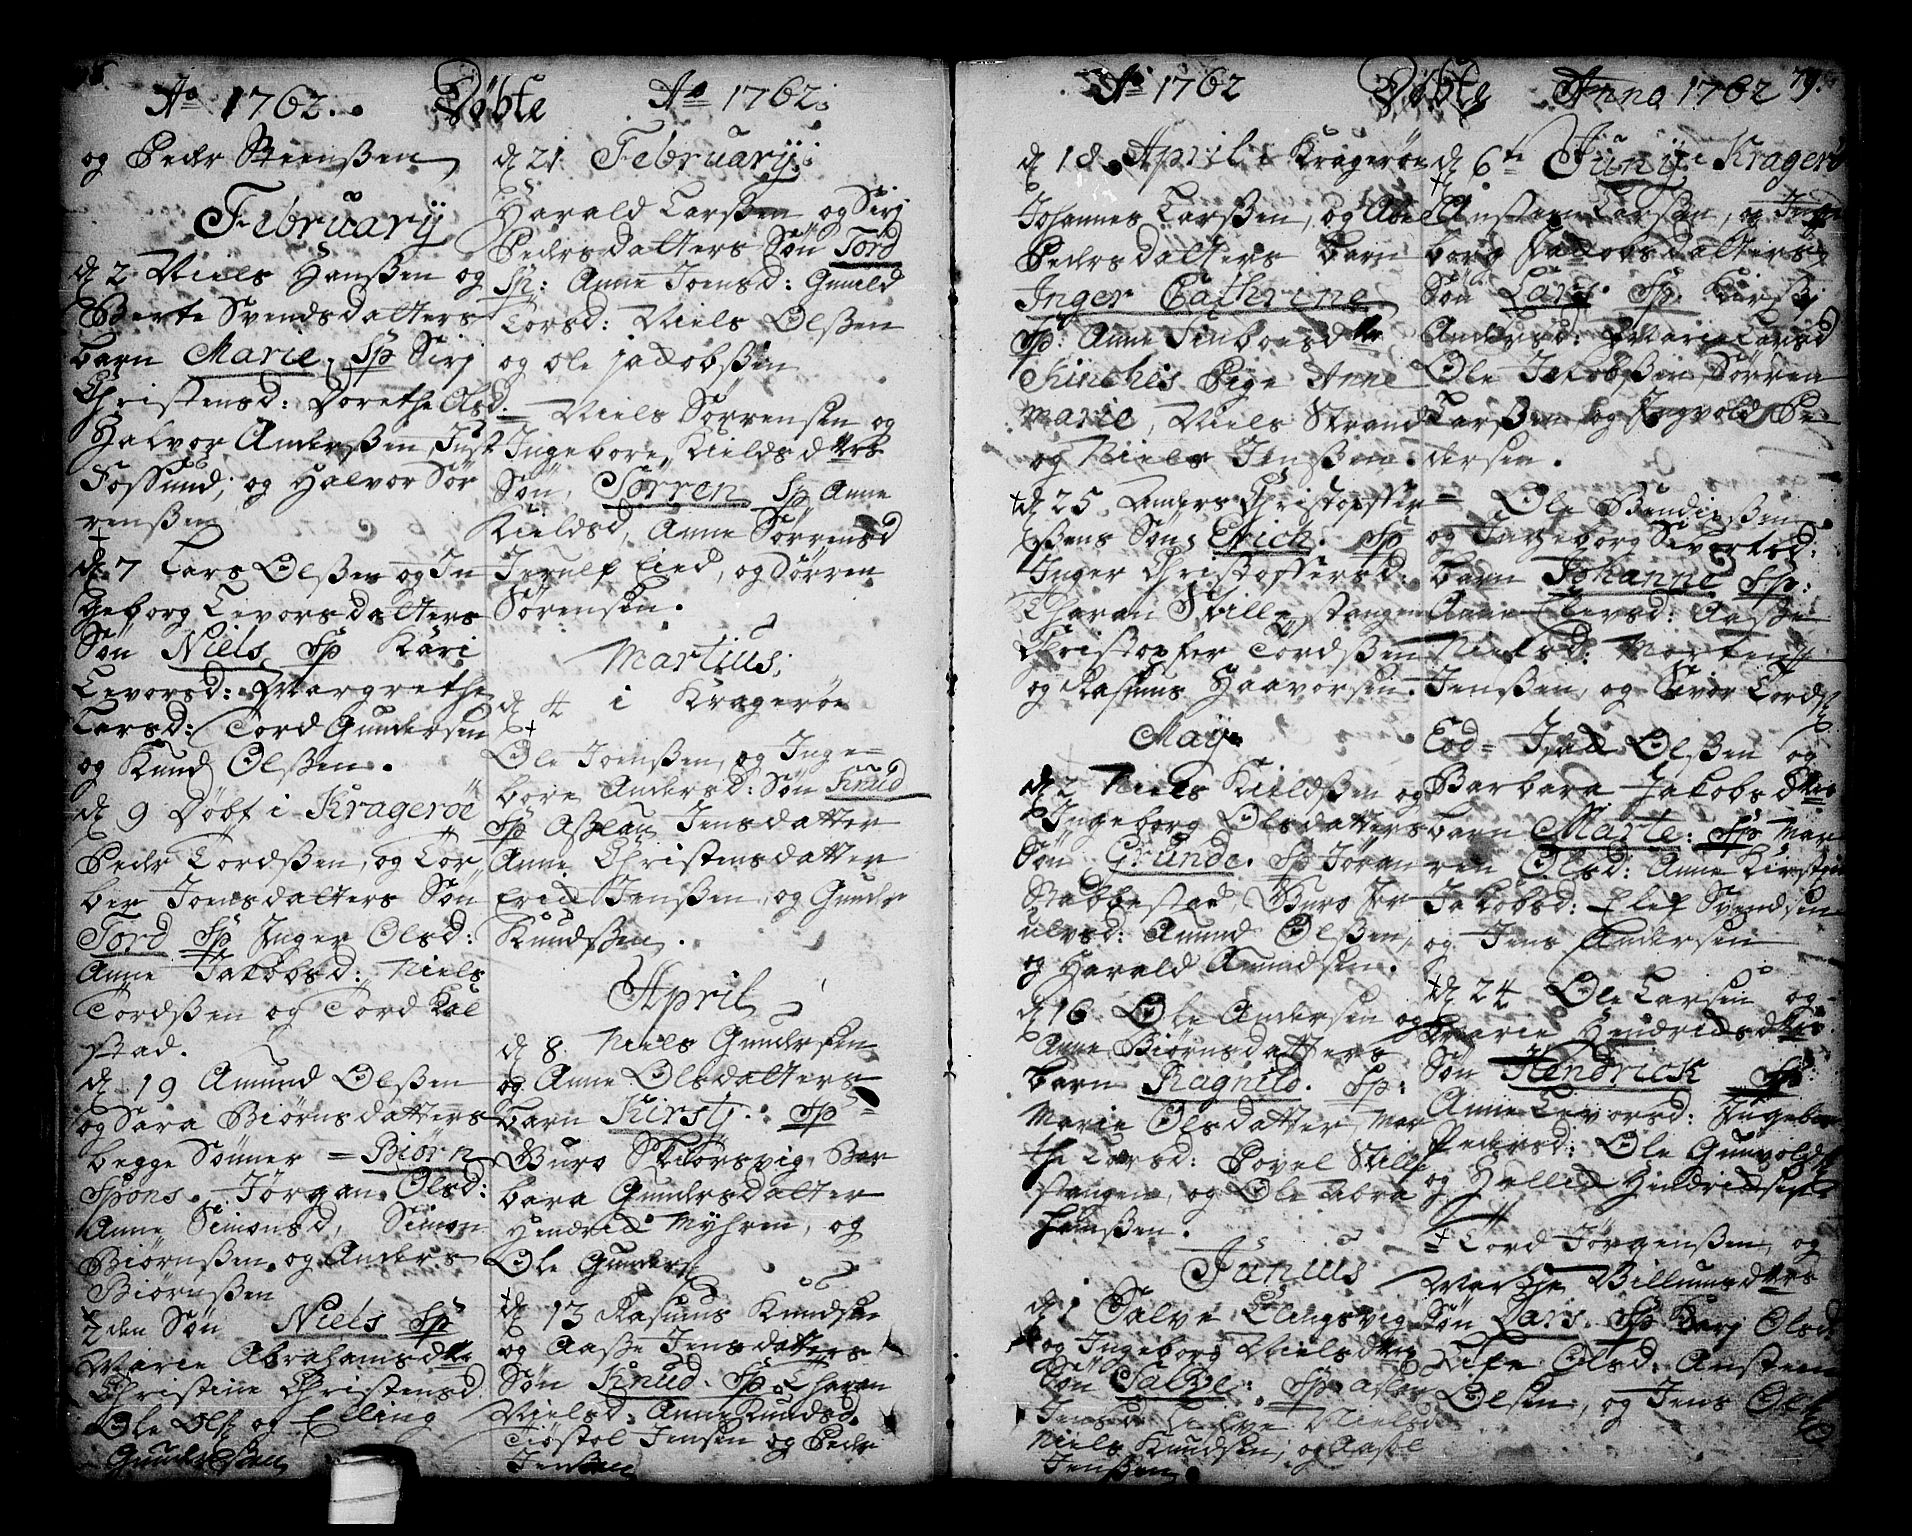 SAKO, Sannidal kirkebøker, F/Fa/L0001: Ministerialbok nr. 1, 1702-1766, s. 78-79